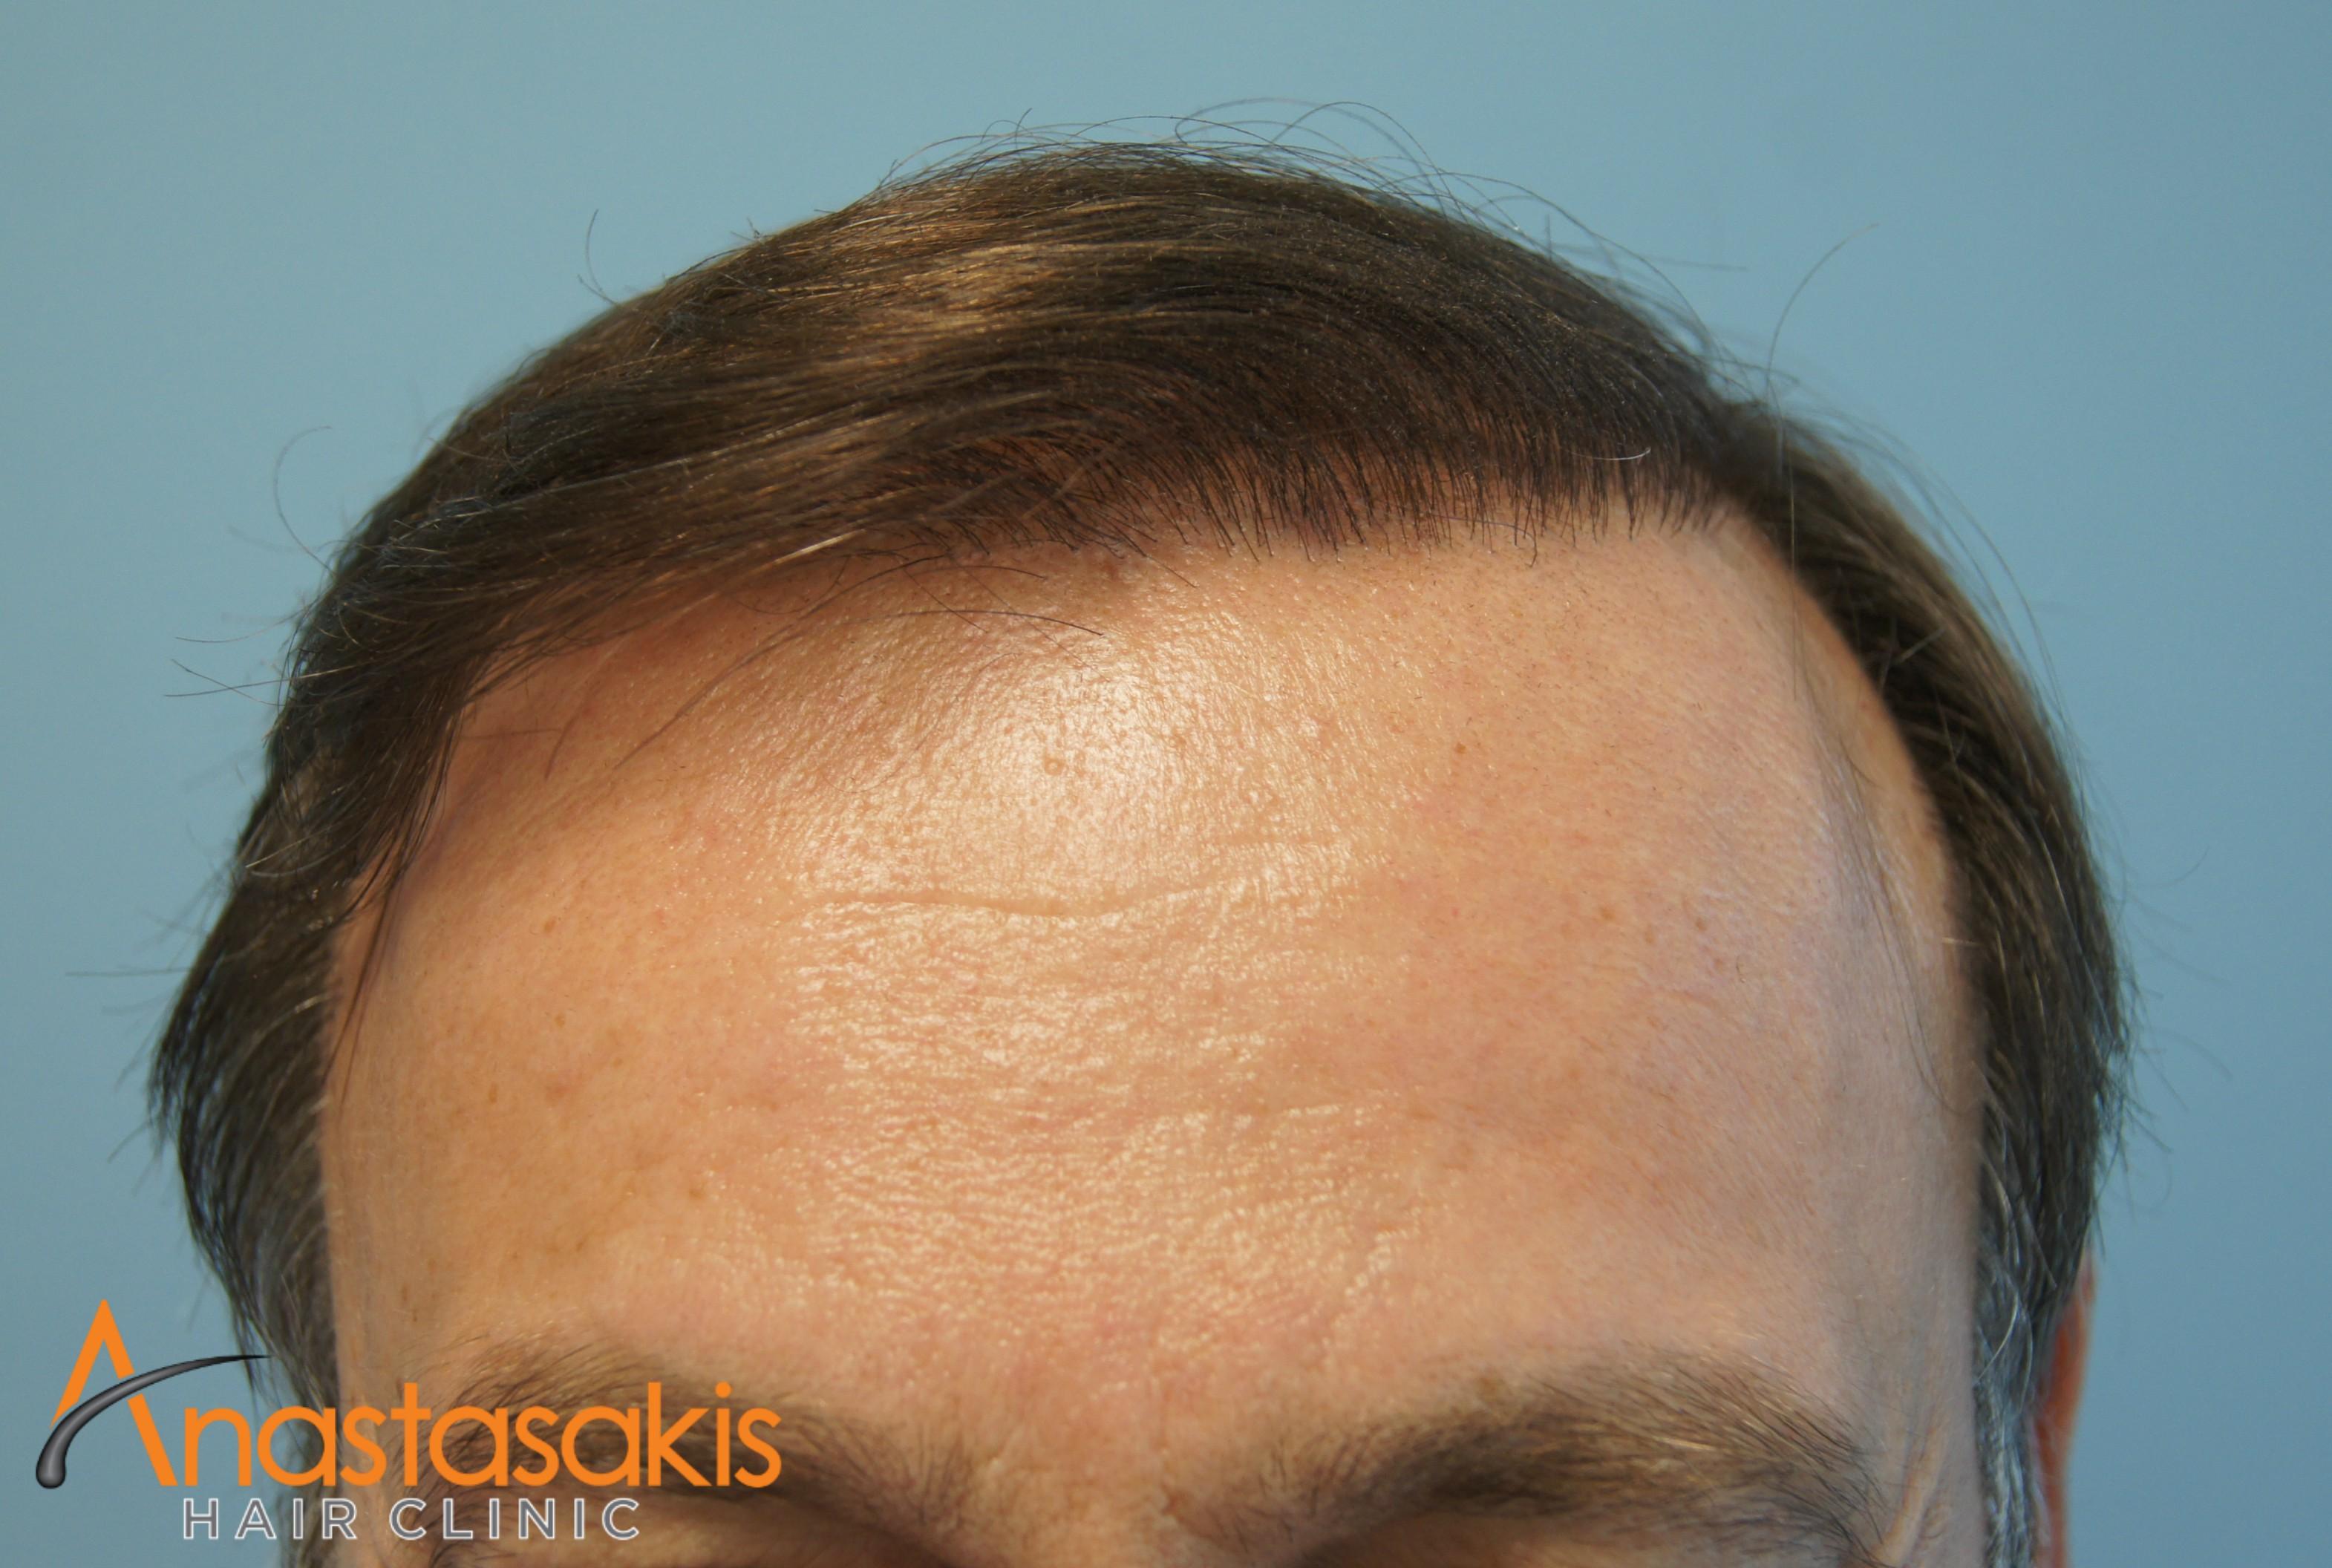 ασθενής μετα την μεταμόσχευση μαλλιών fut με 3500fus hairline